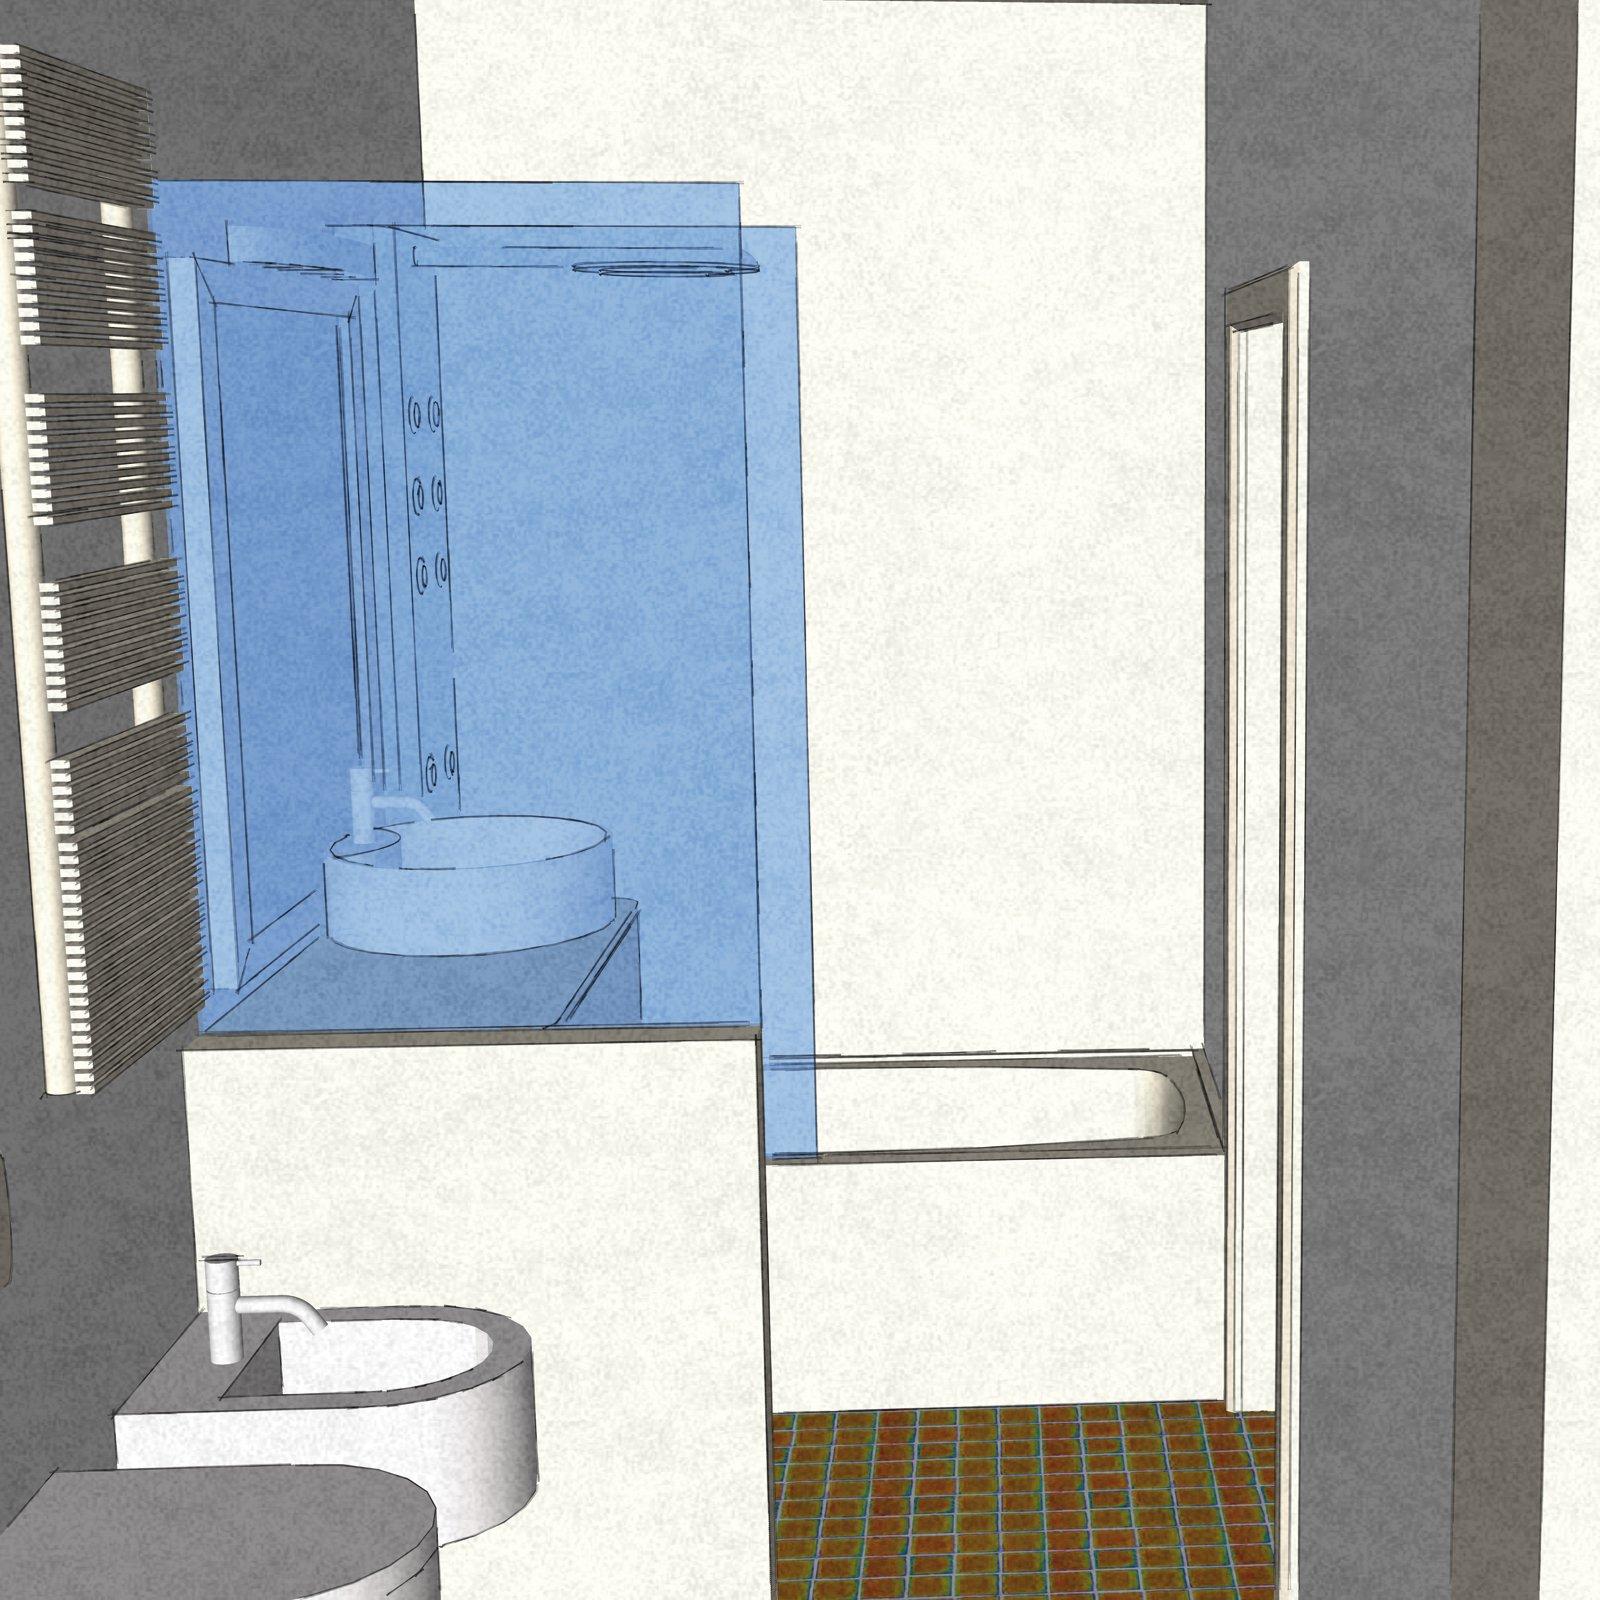 Dal bagno lungo e stretto ricavare la lavanderia il - Bagno stretto e lungo con doccia ...